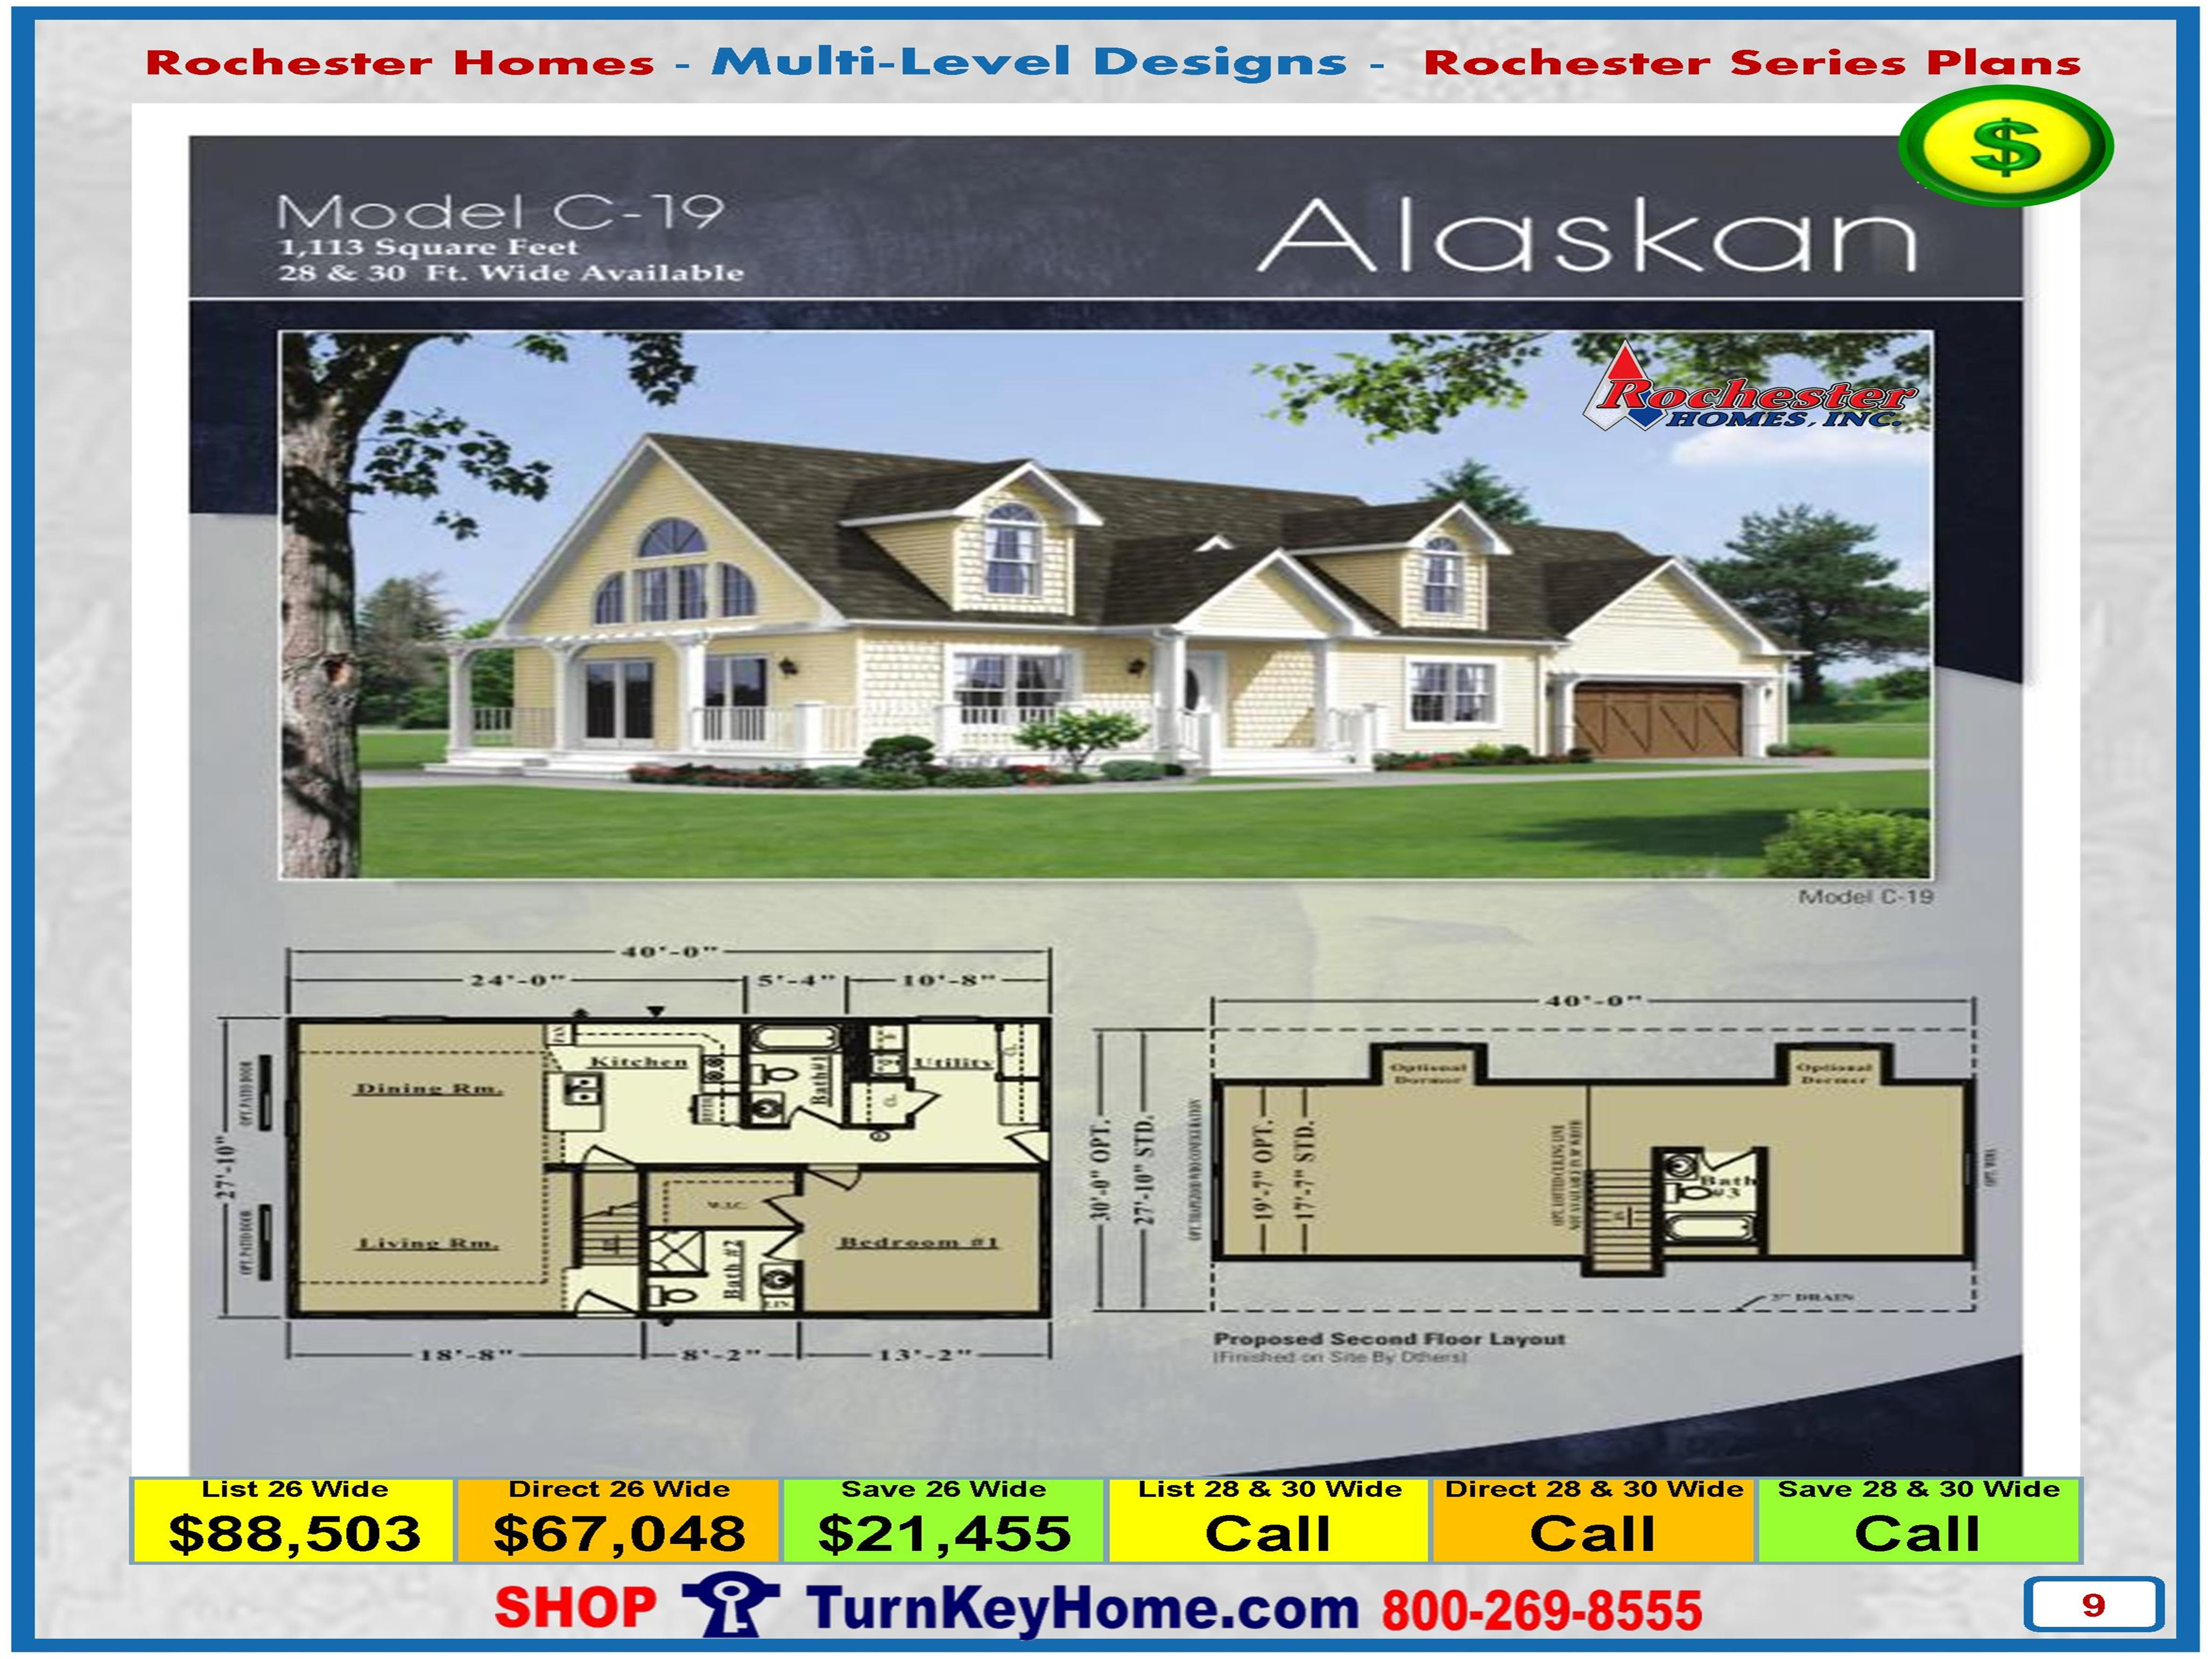 alaskan rochester modular home cape cod multi level plan price